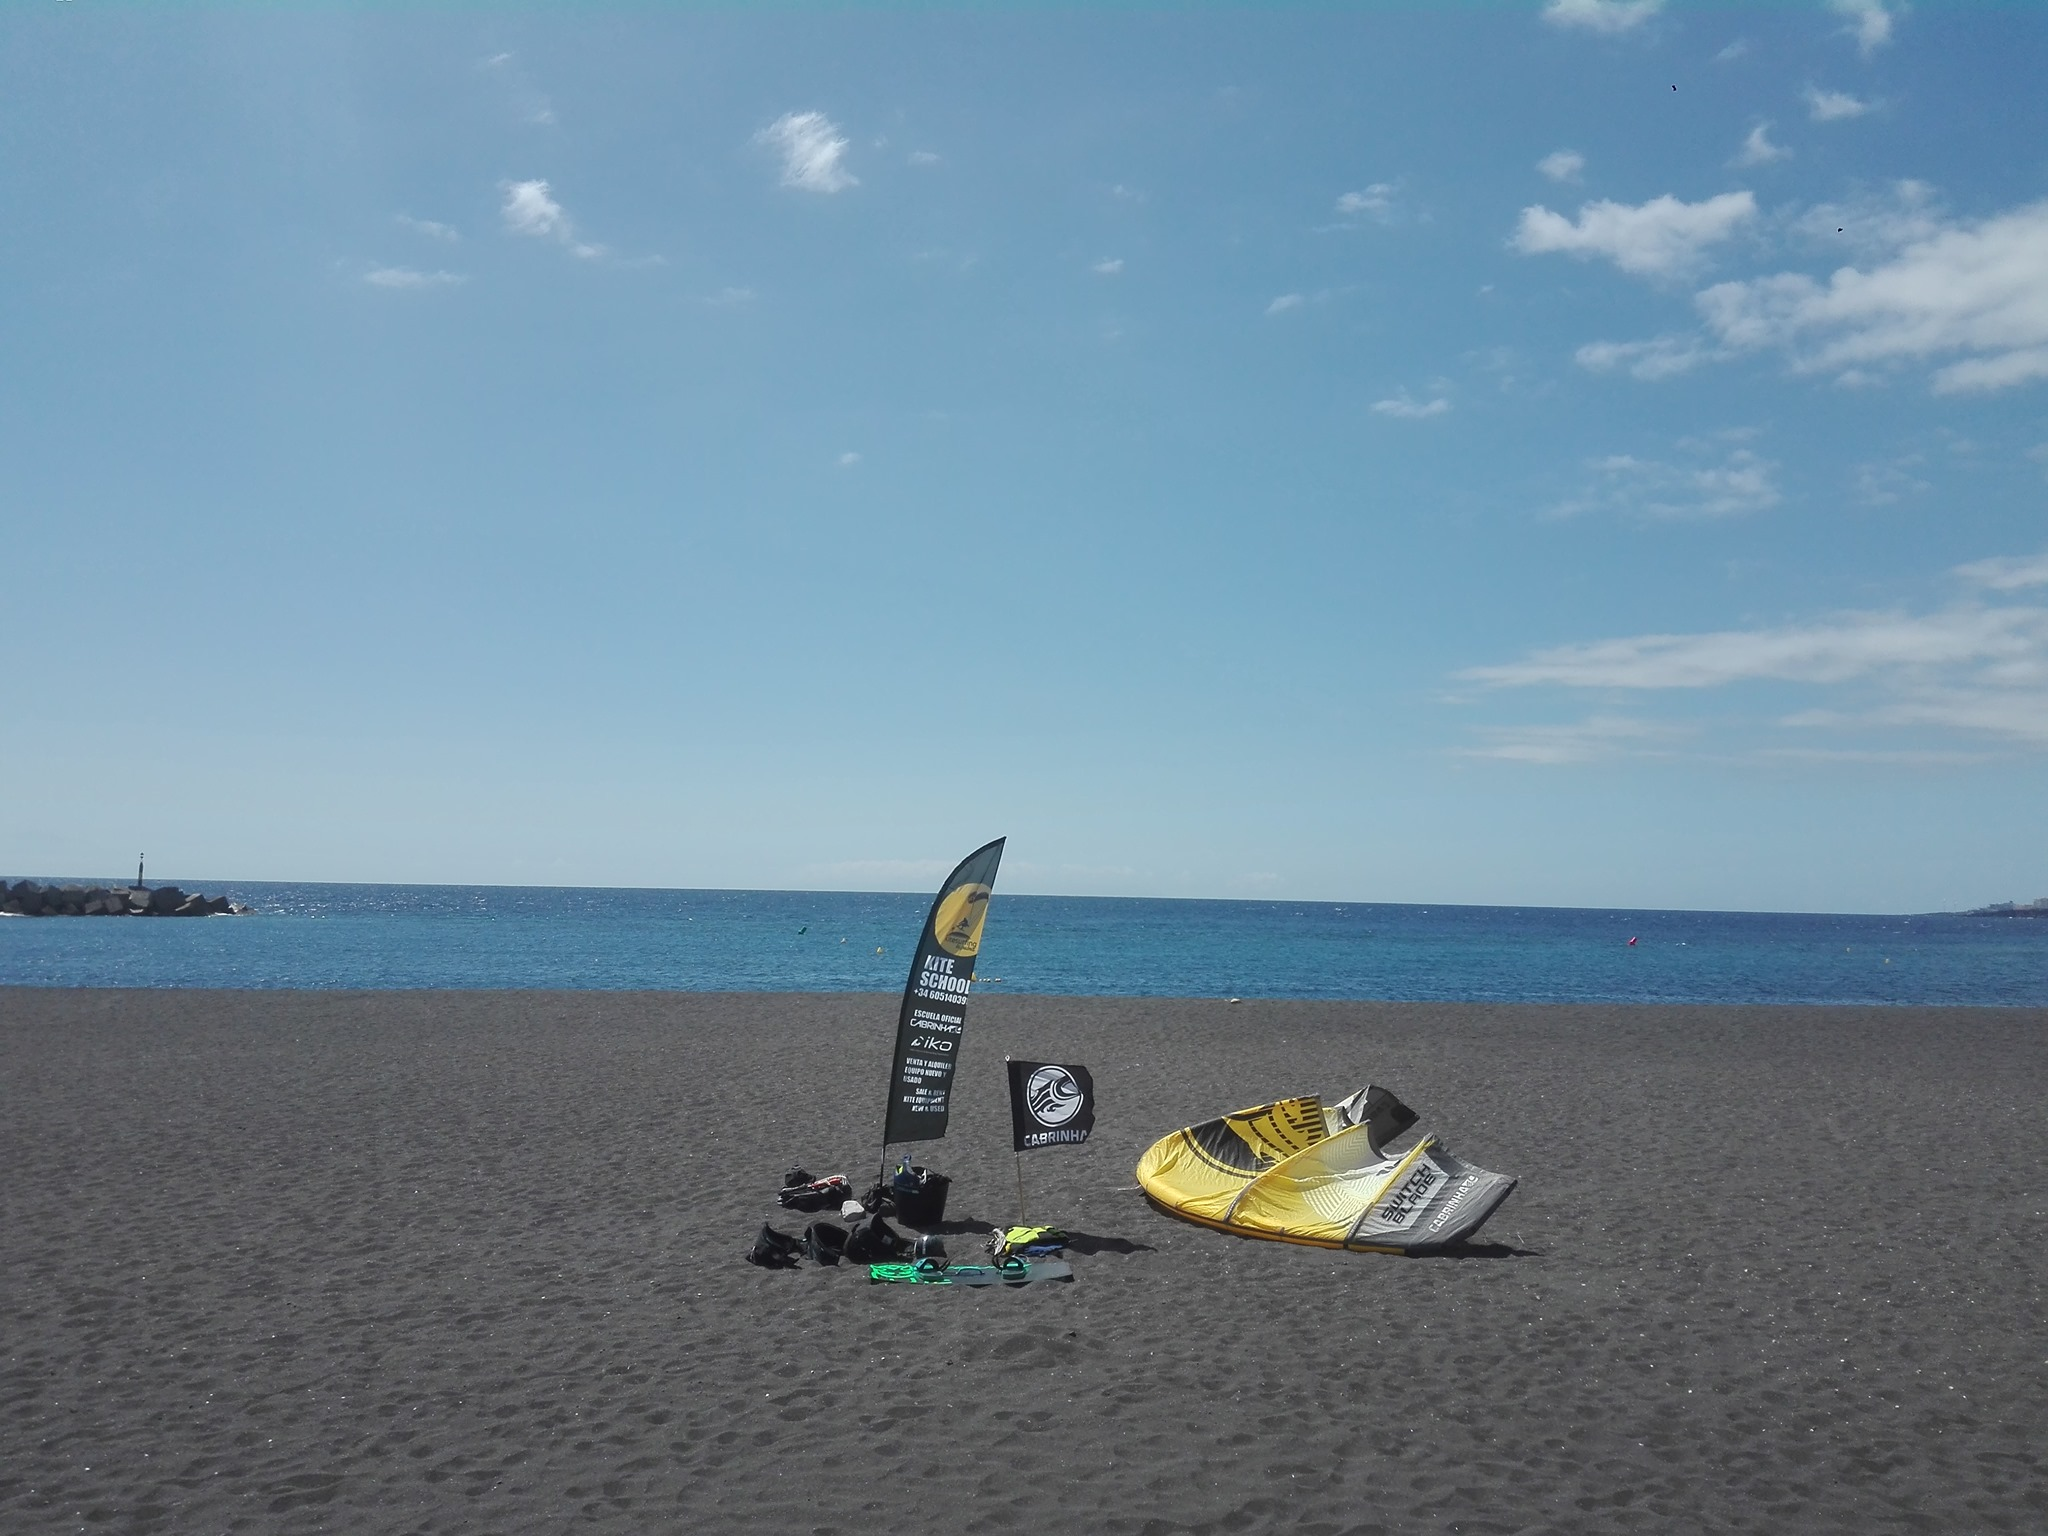 kite surfing la palma corsi e noleggio attrezzatura